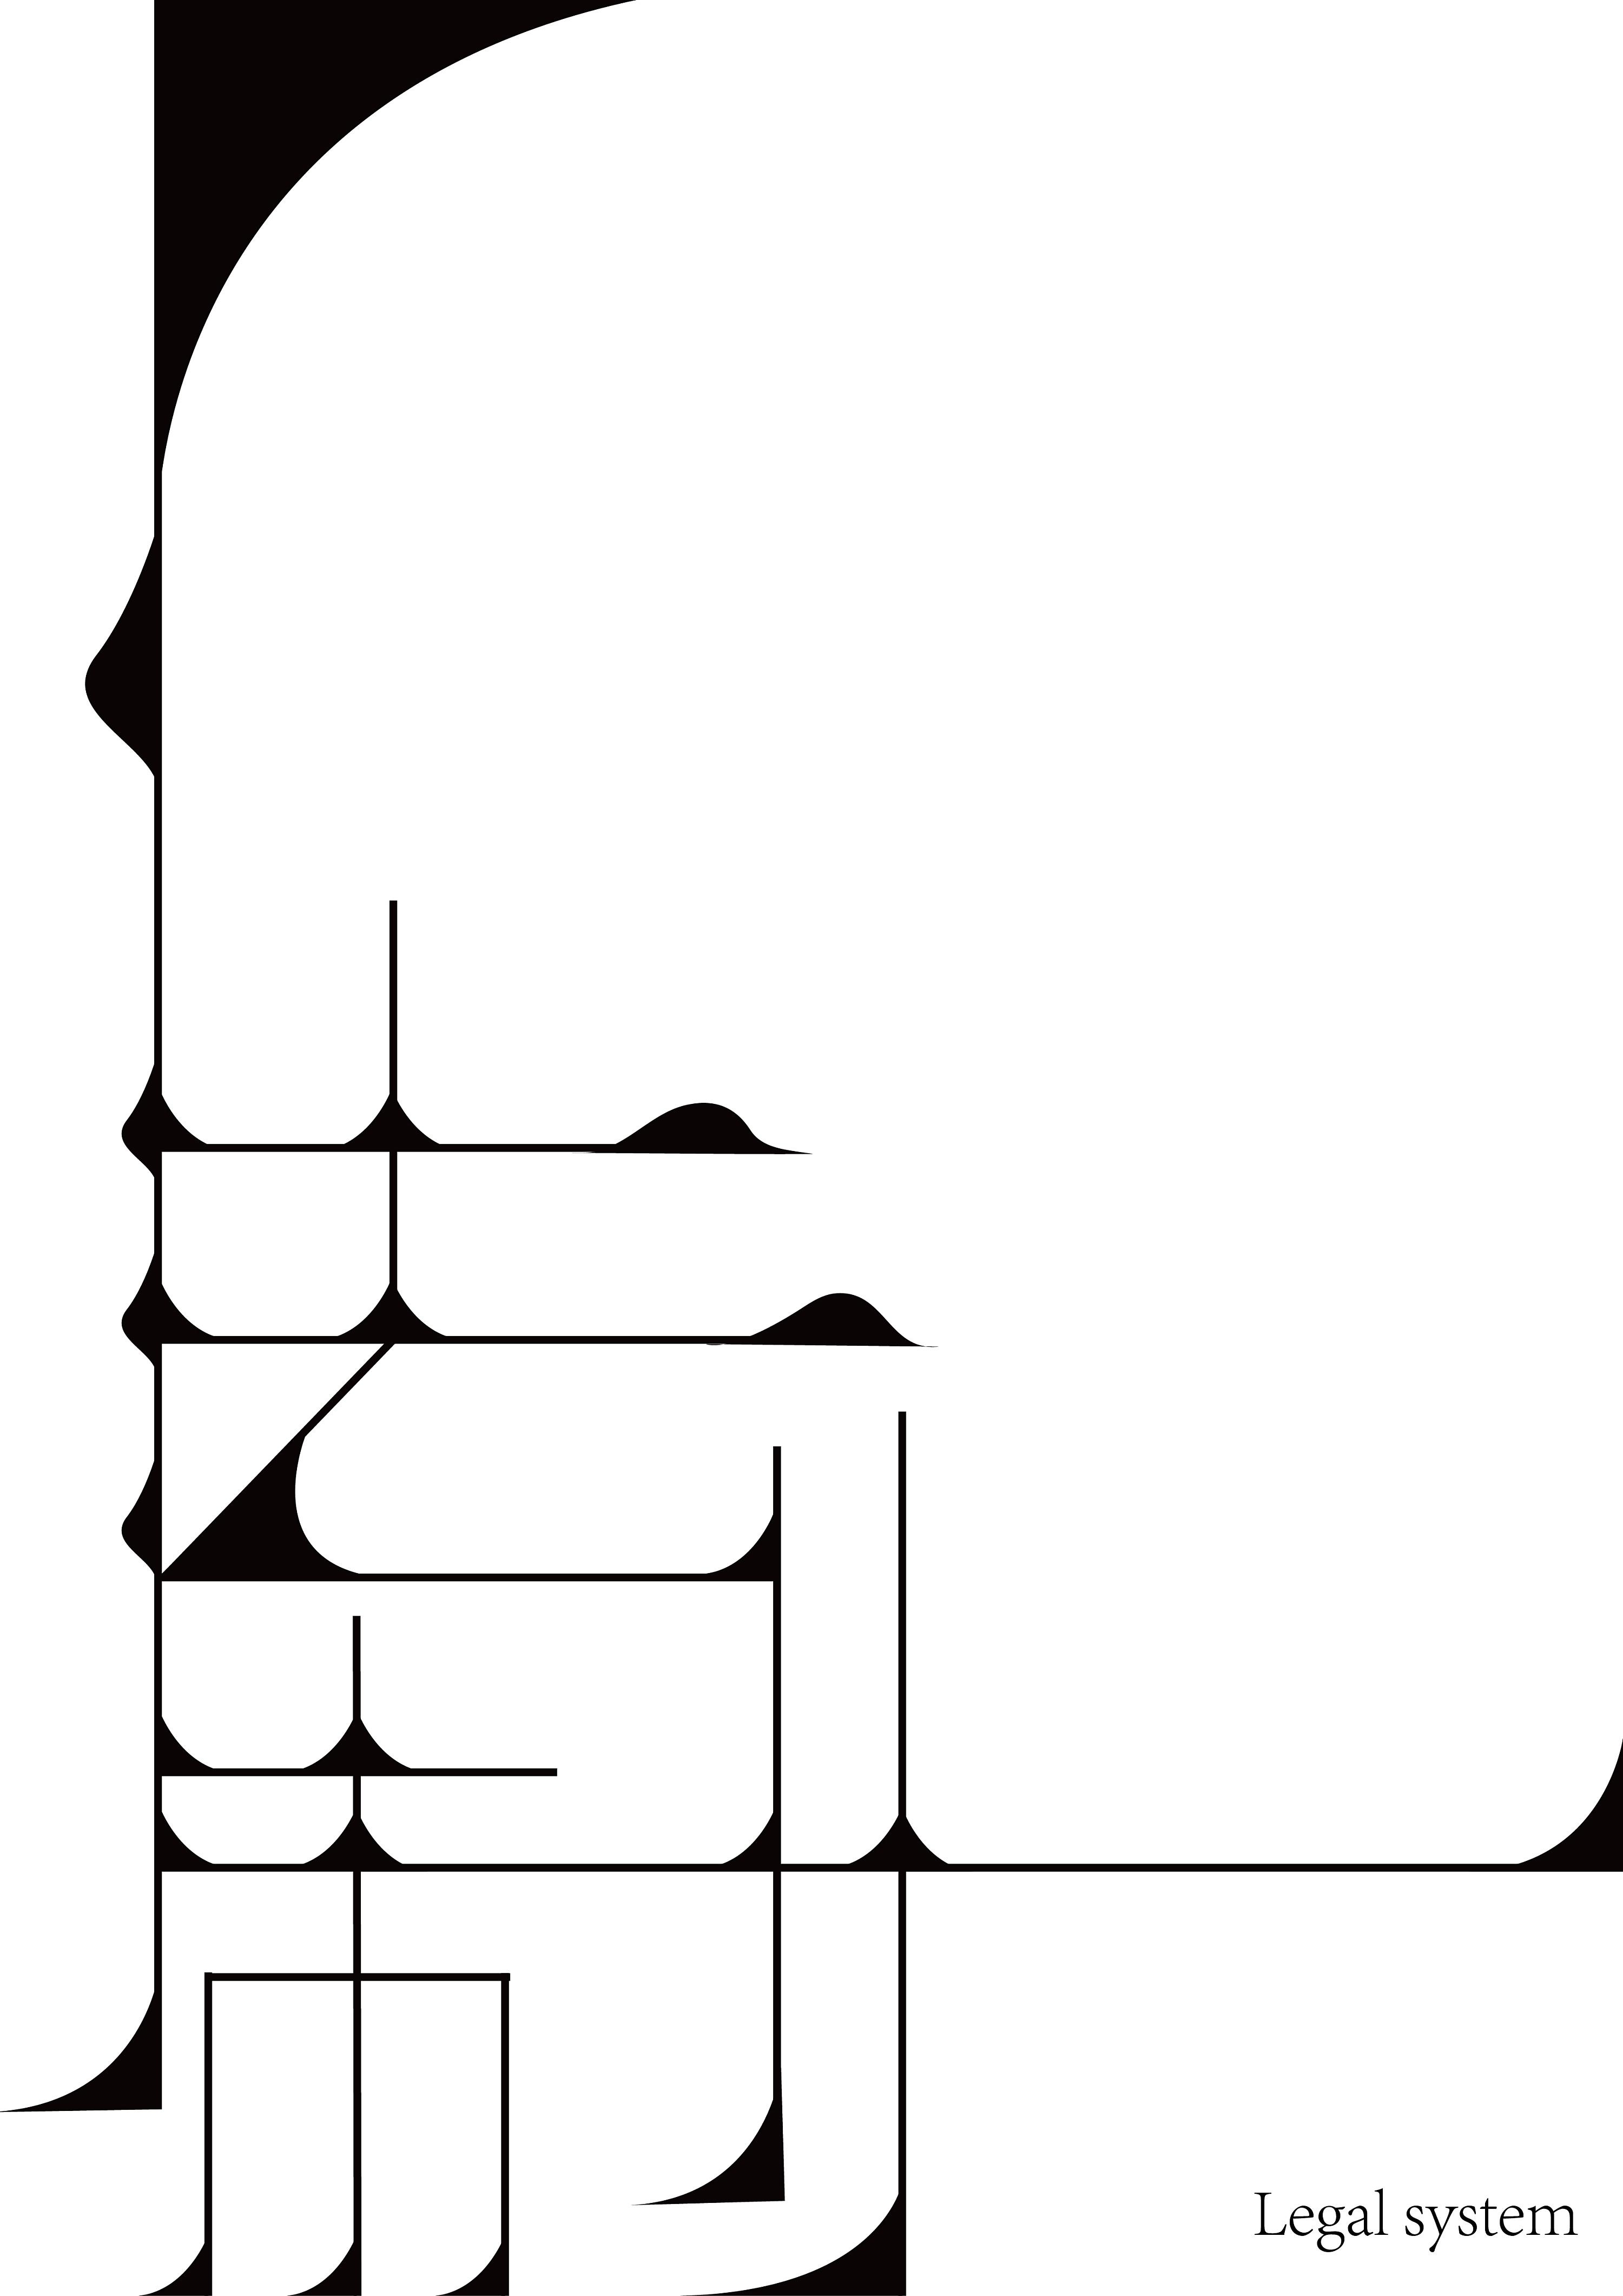 简笔画 设计 矢量 矢量图 手绘 素材 线稿 3000_4243 竖版 竖屏